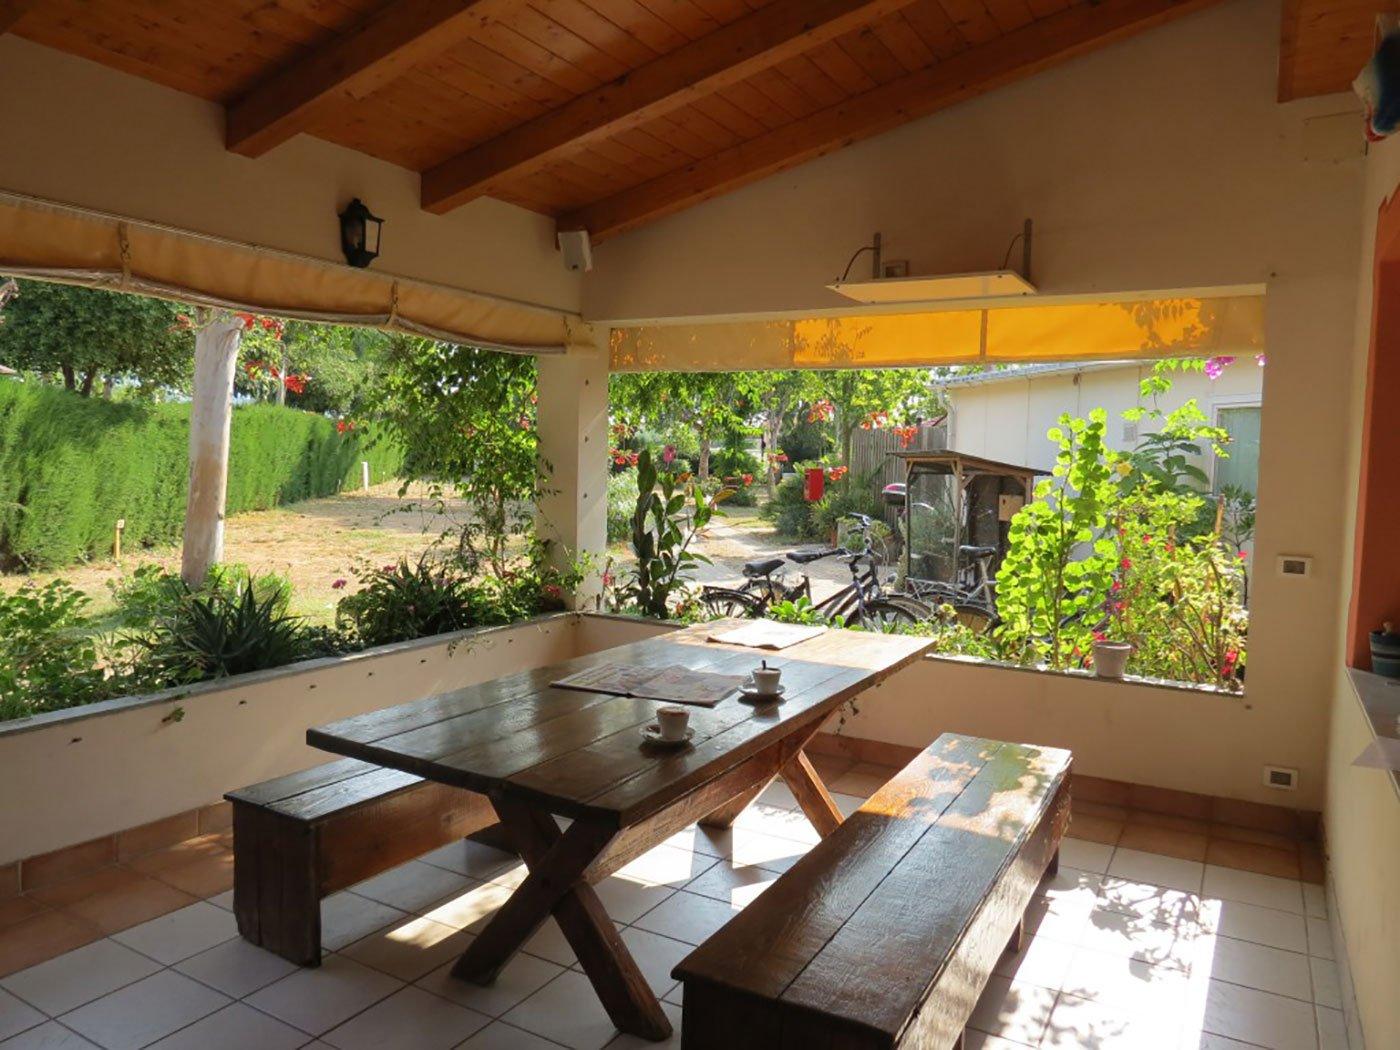 un tavolo e delle panche di legno e vista del giardino all'esterno